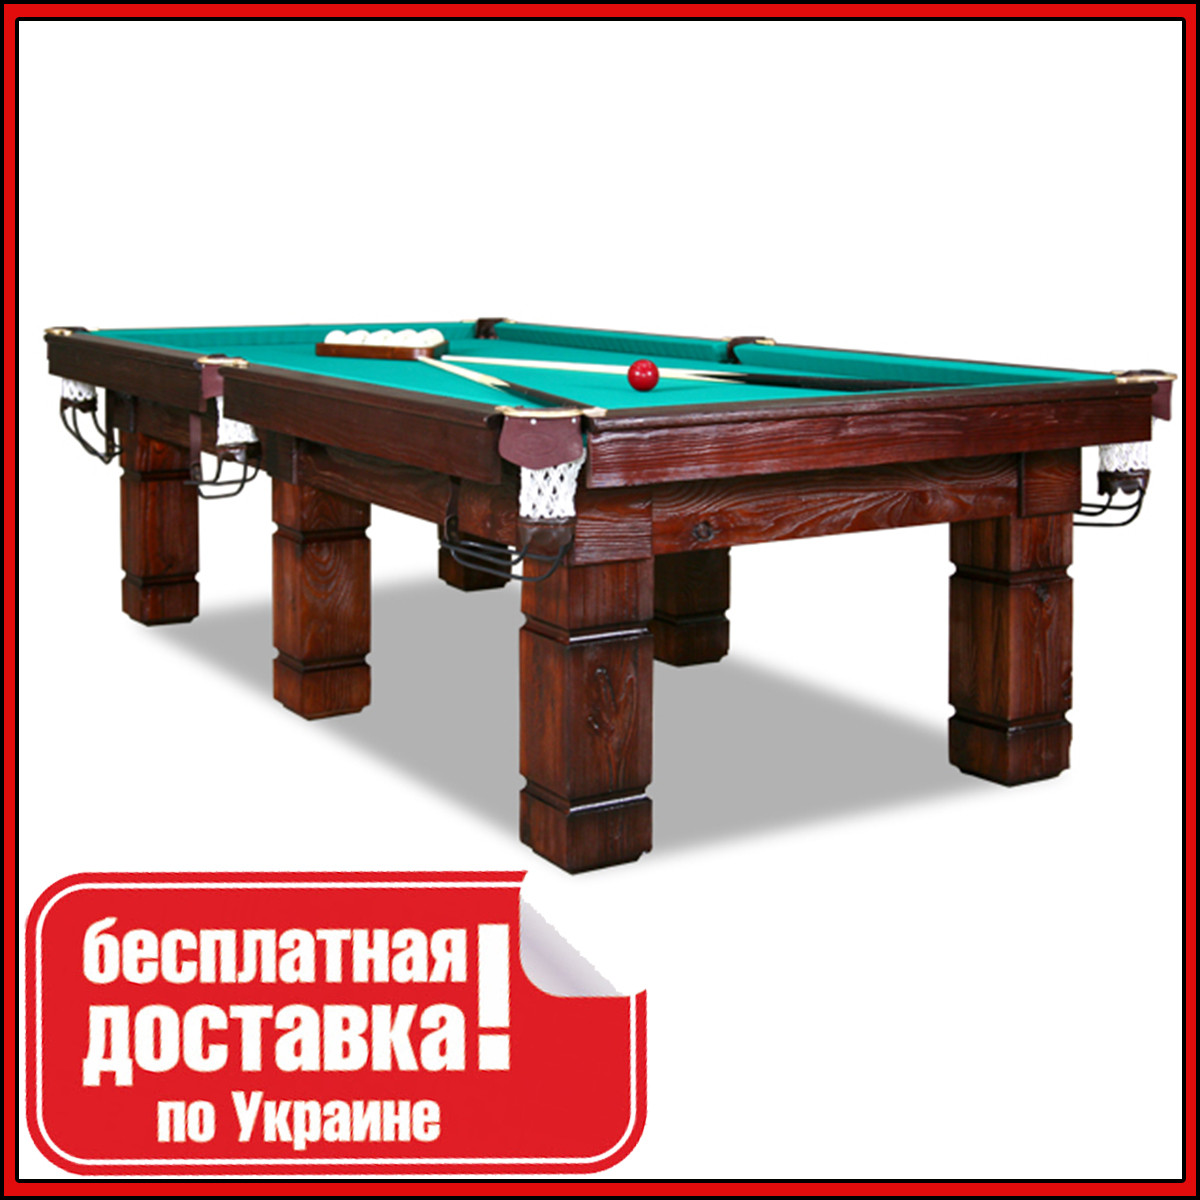 Більярдний стіл для пулу АСКОЛЬД 7 футів Ардезія 2.0 м х 1.0 м з натурального дерева